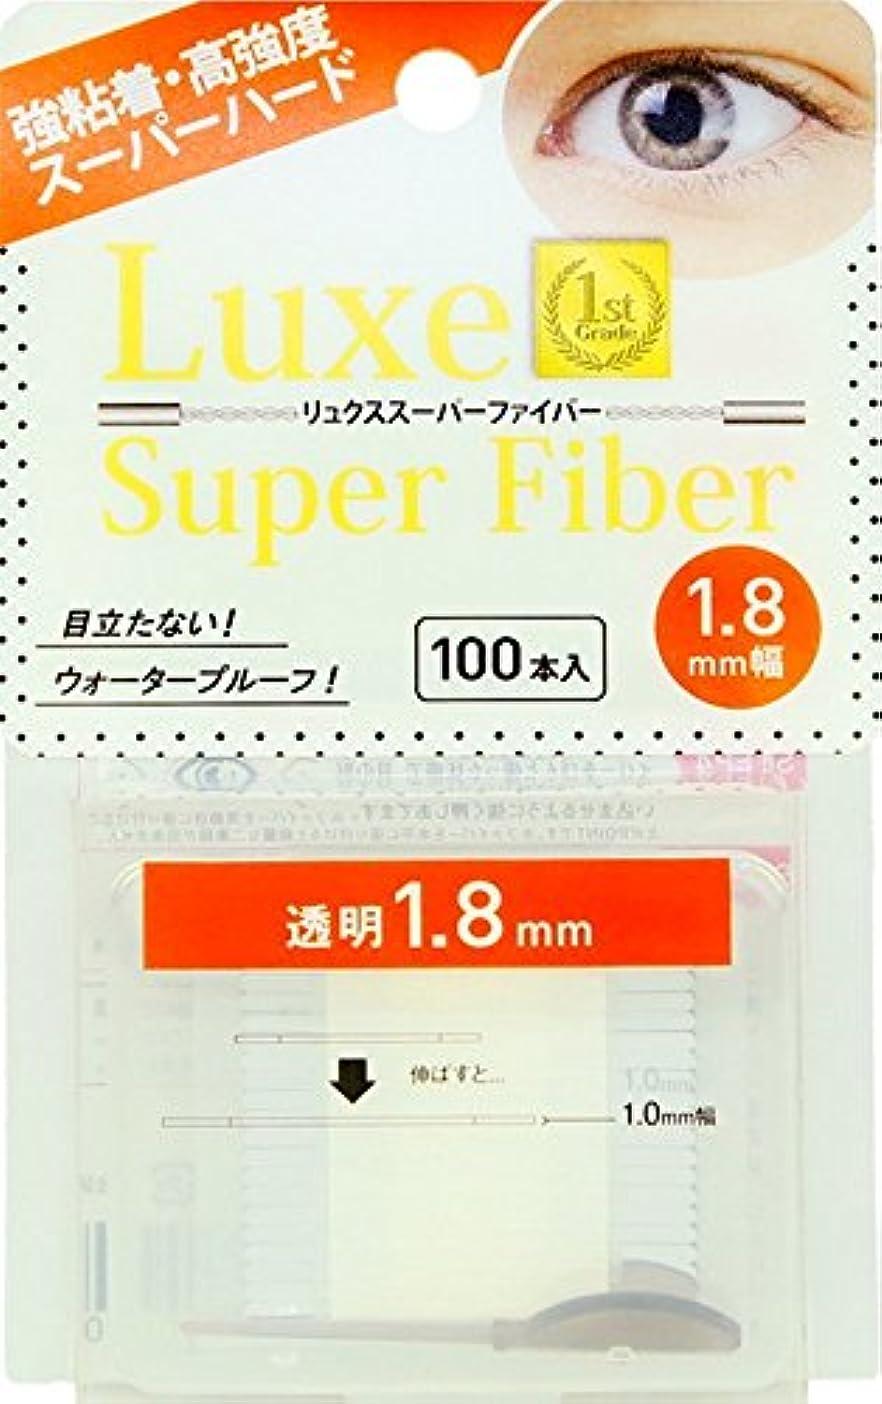 ミッションヒューバートハドソン地震LUXE(リュクス) スーパーファイバー スーパーハード 1.8mm(眼瞼下垂防止テープ)